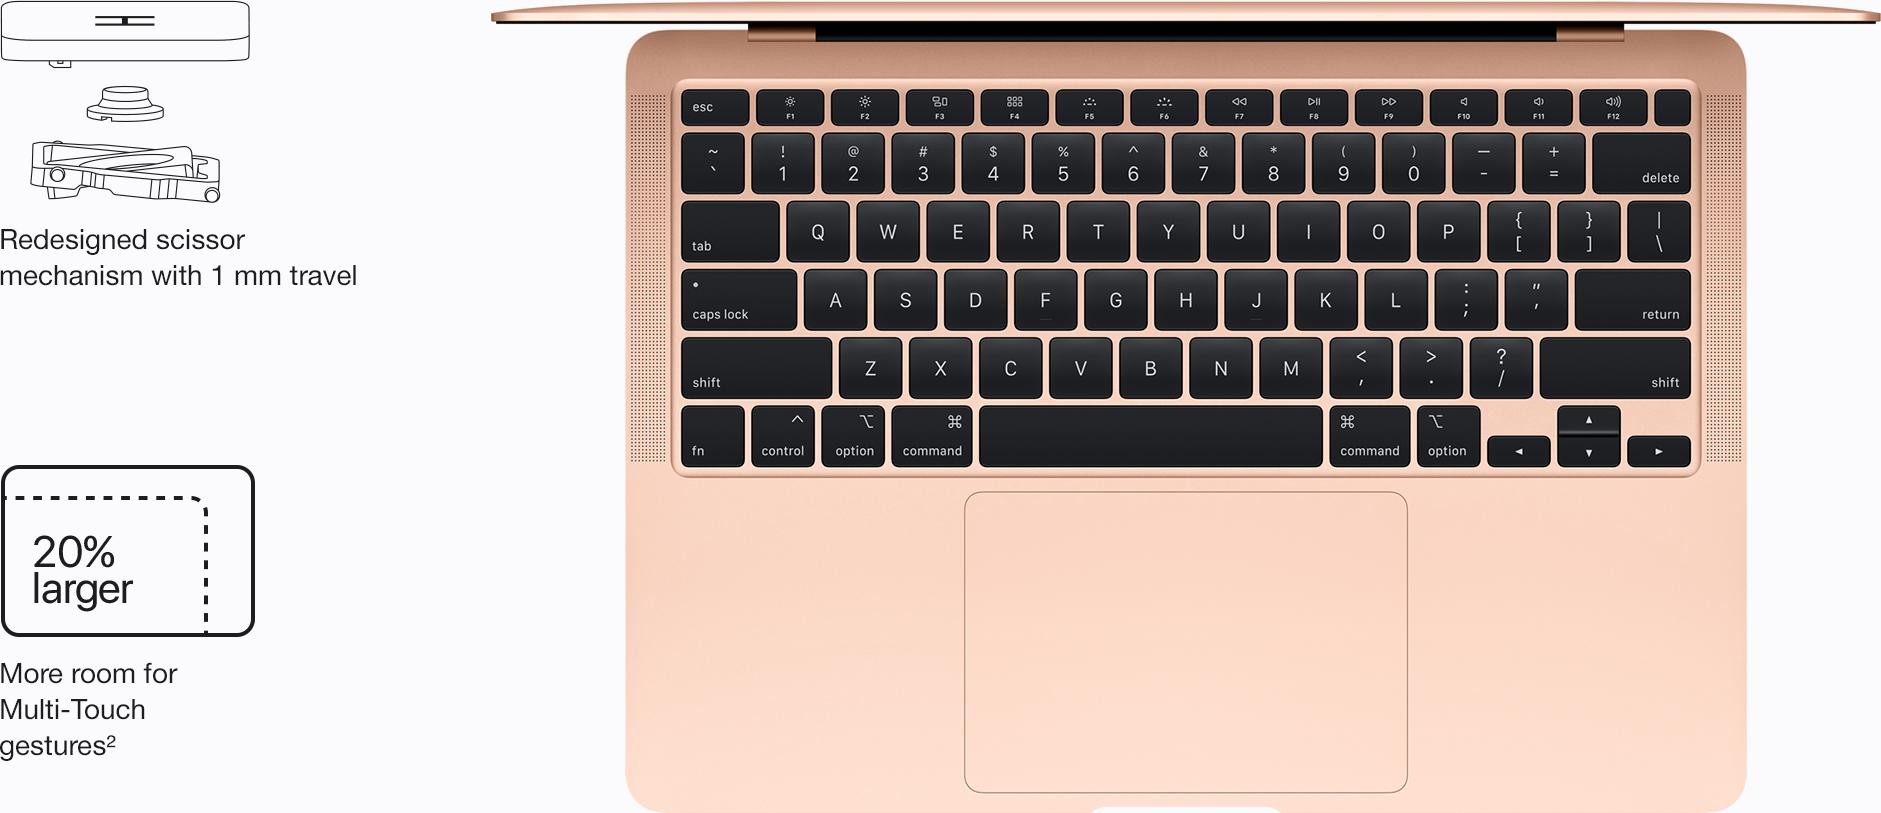 Apple keyboard feel